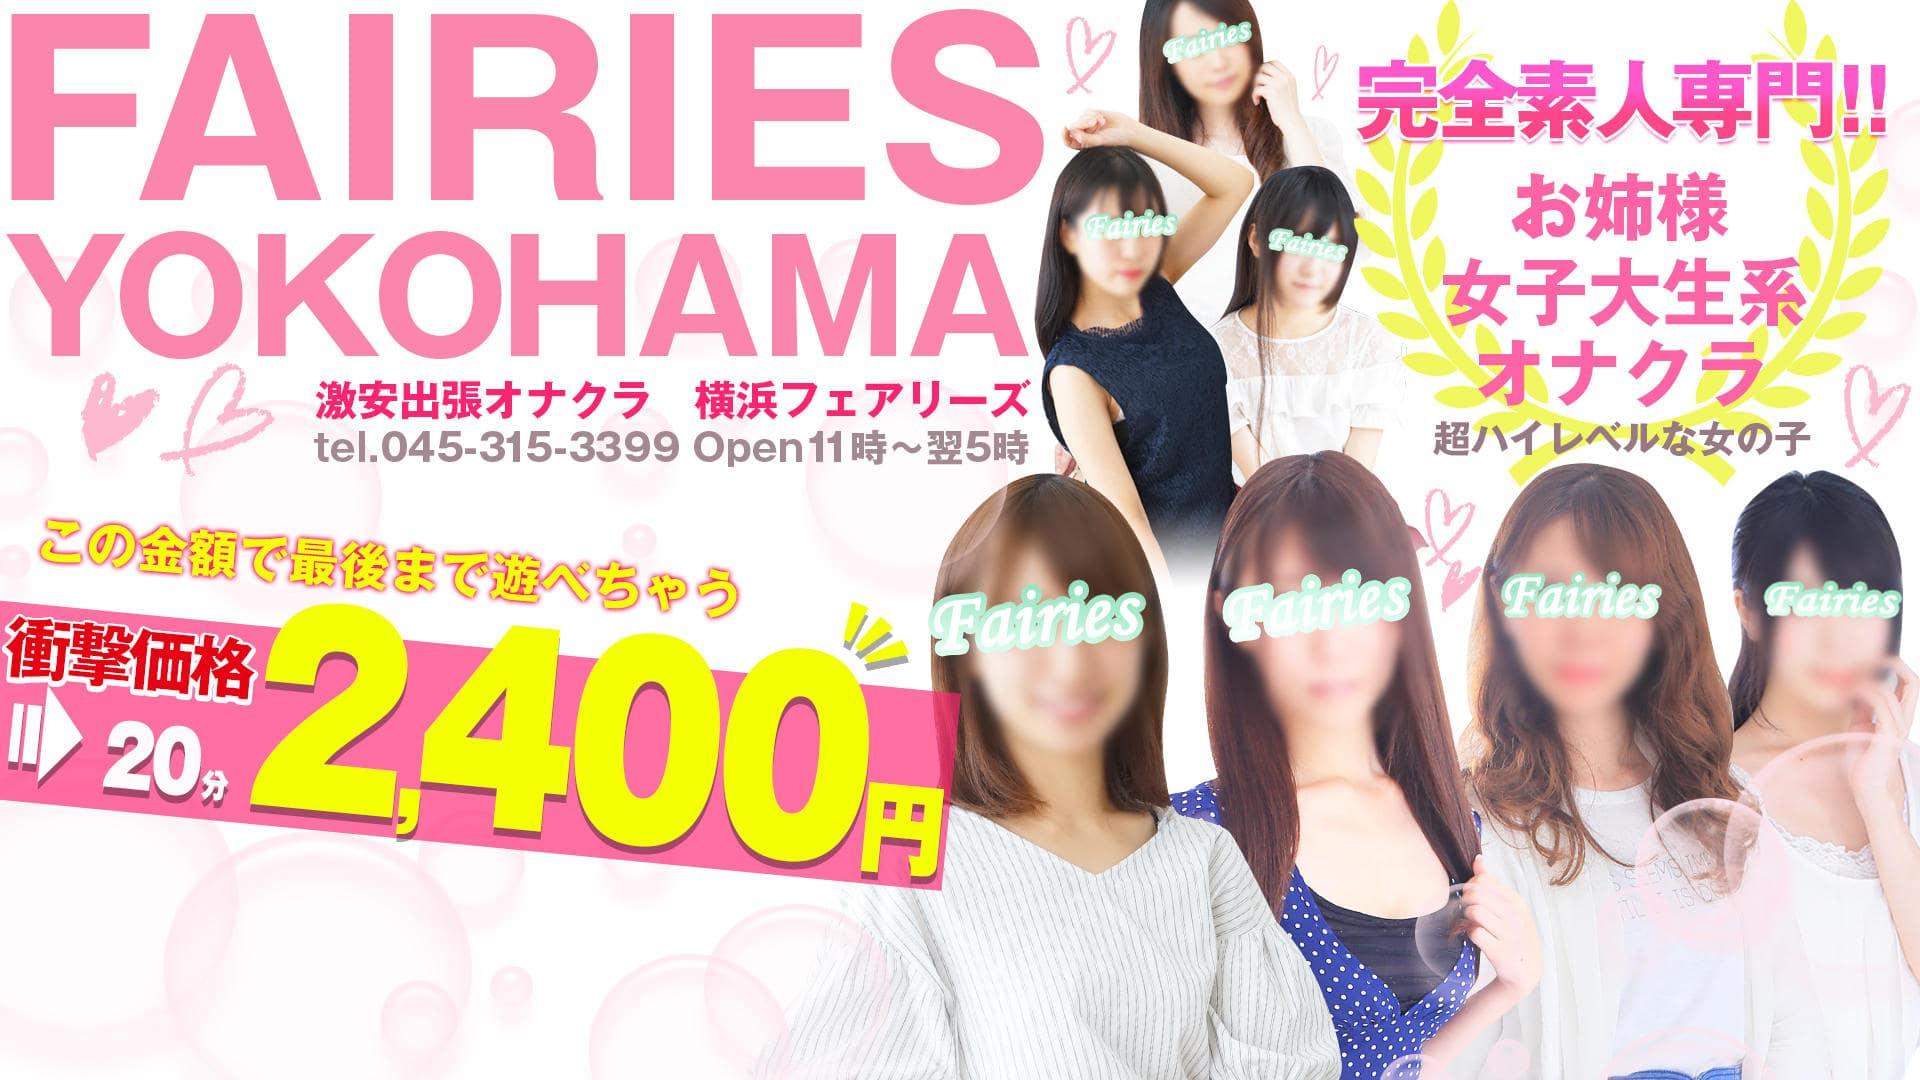 横浜オナクラ フェアリーズ20分2400円激安出張手コキ店